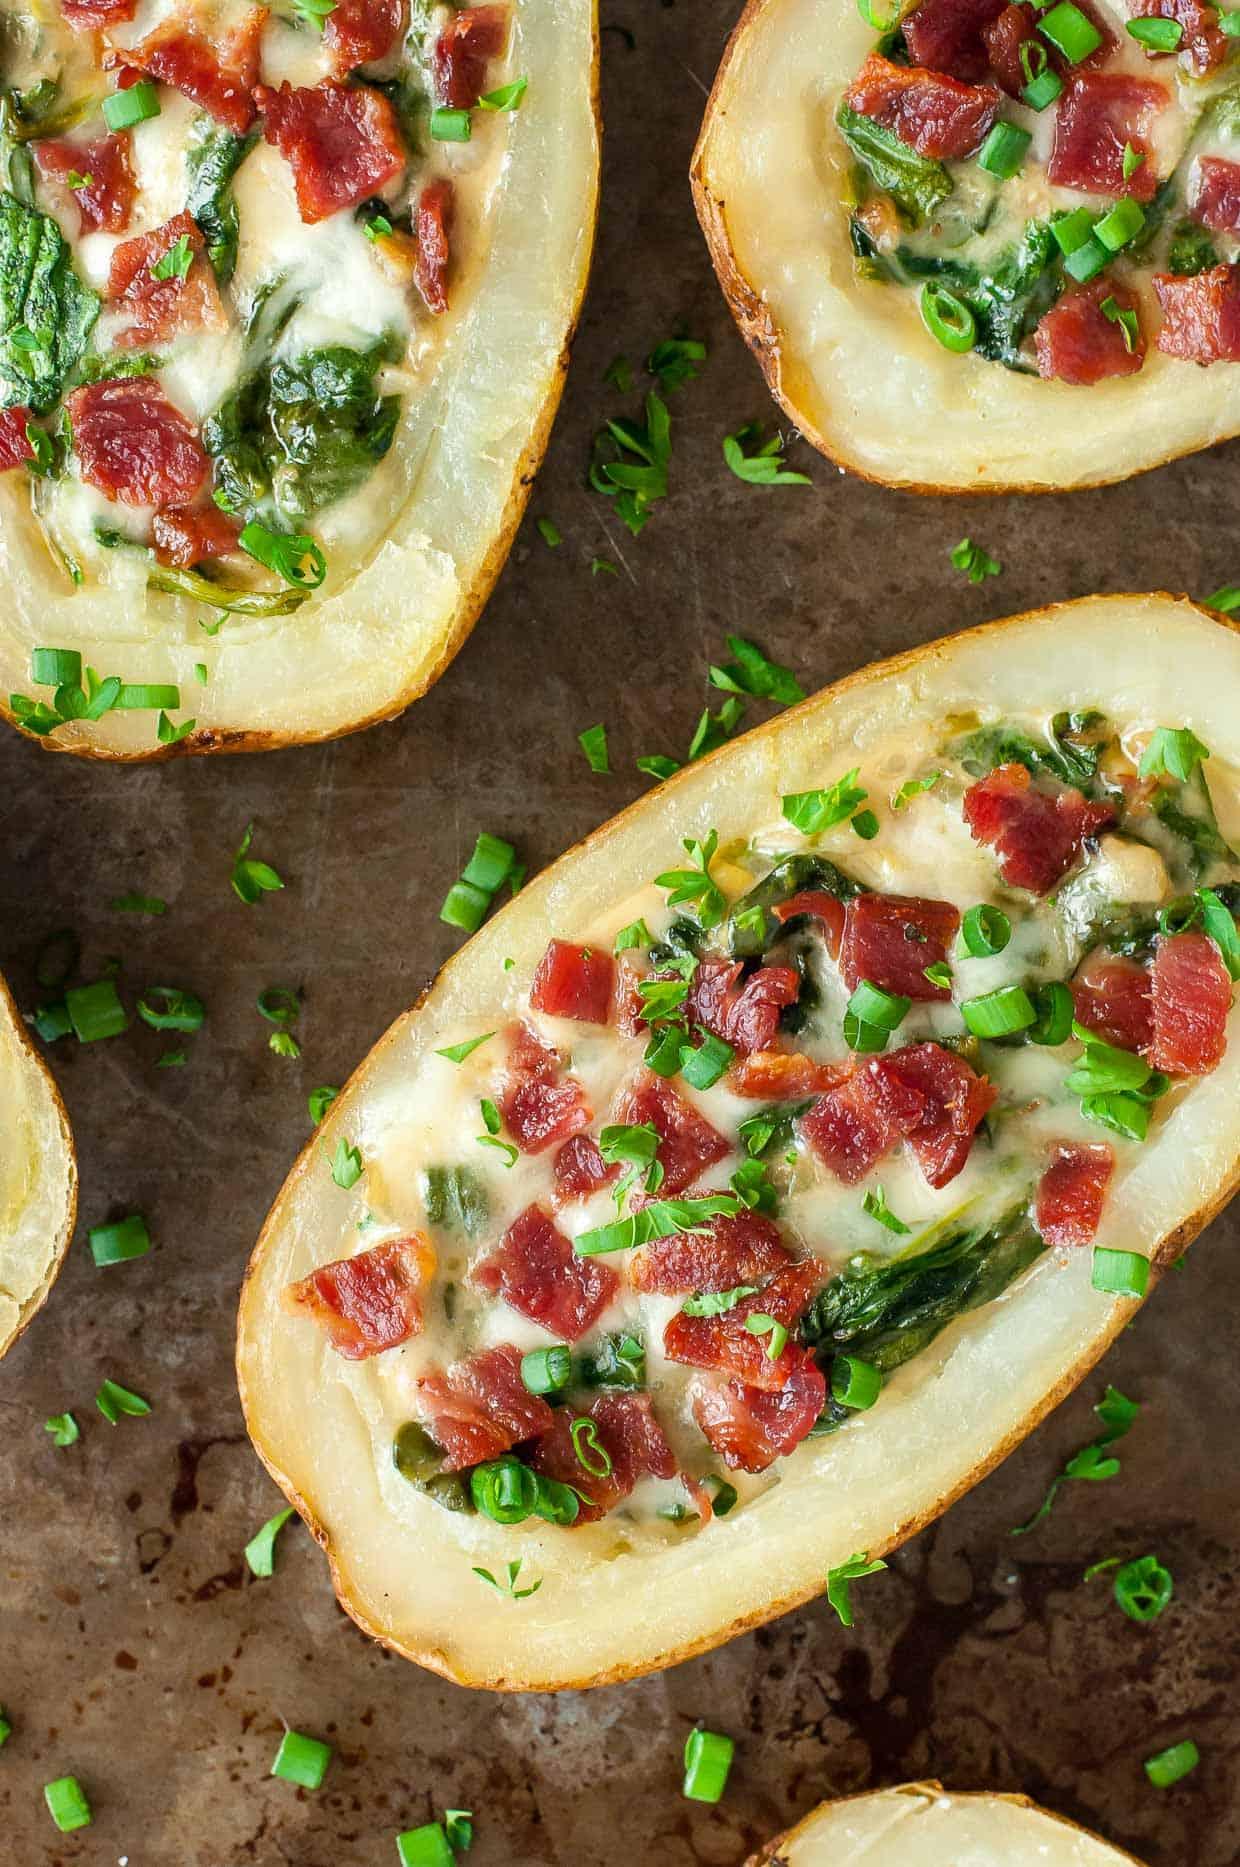 Loaded Spinach Artichoke Potato Skins